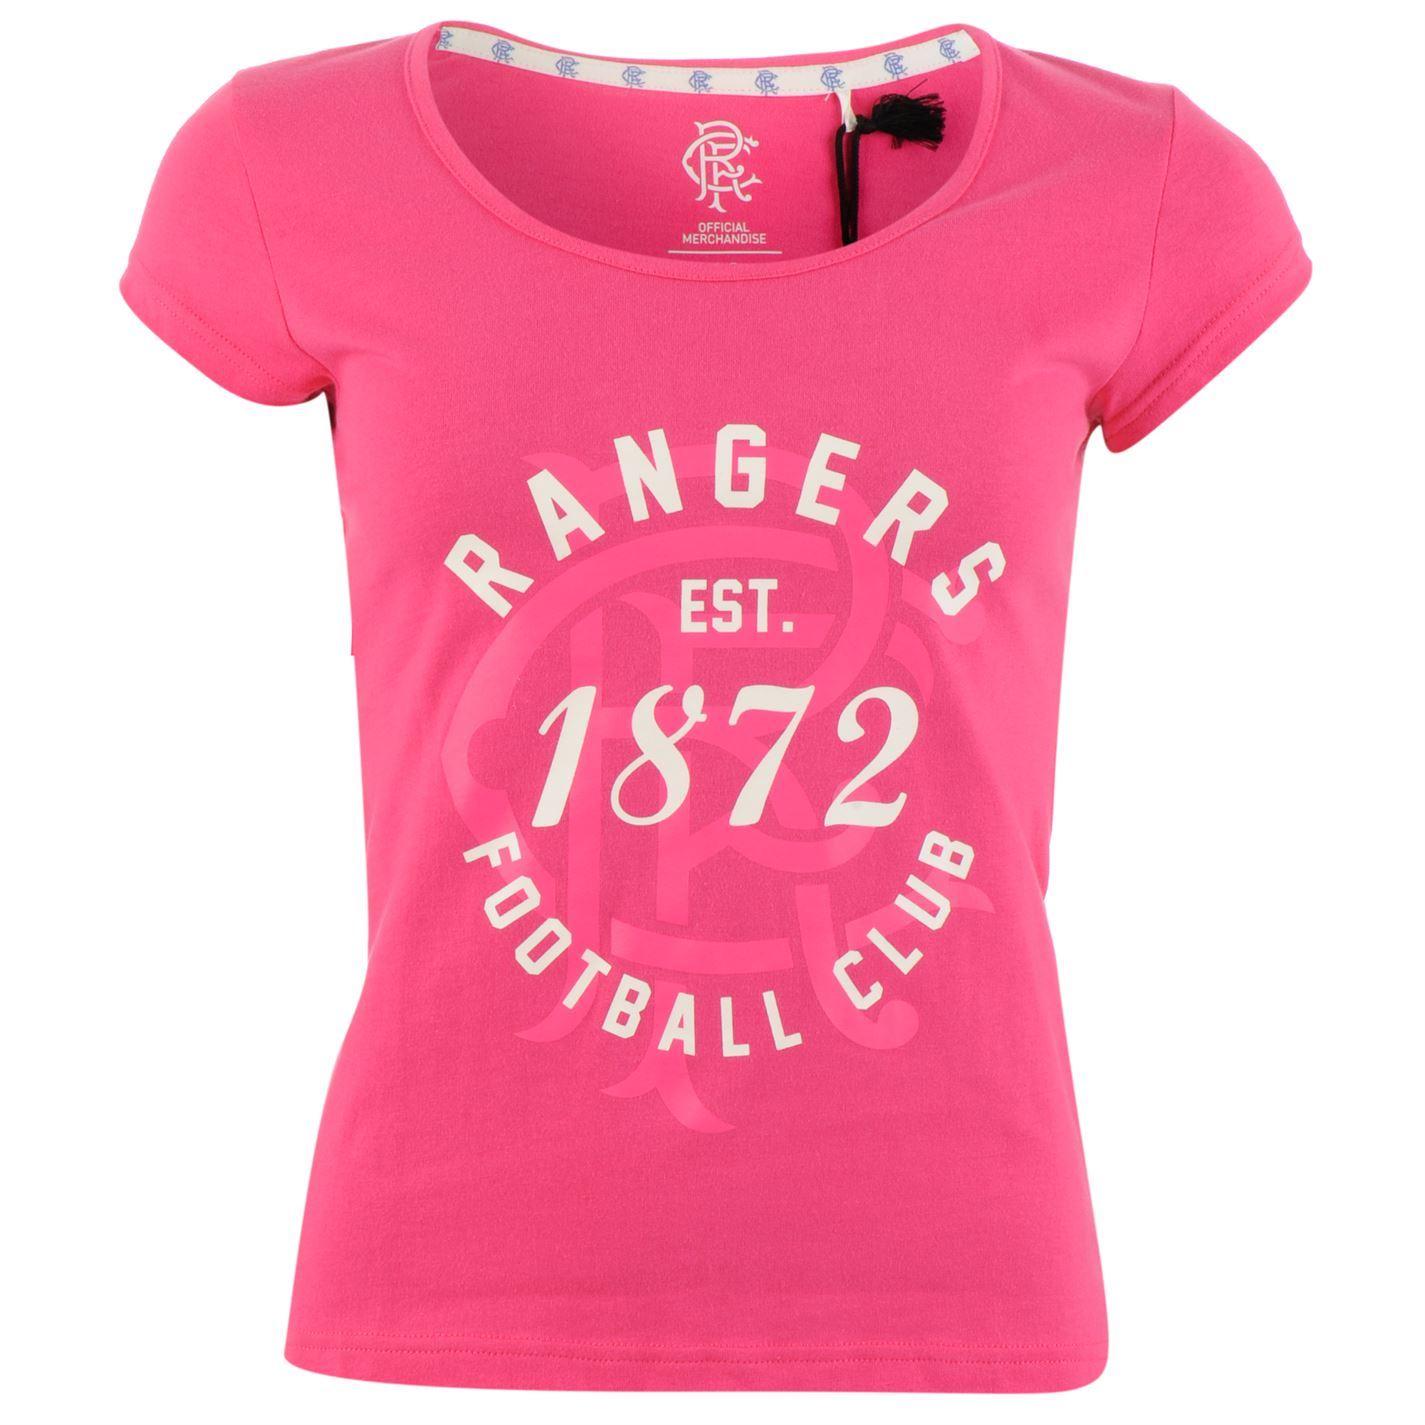 Glasgow Rangers Est. 1872 T-Shirt Womens Football Soccer Fan Top Tee Shirt  | eBay